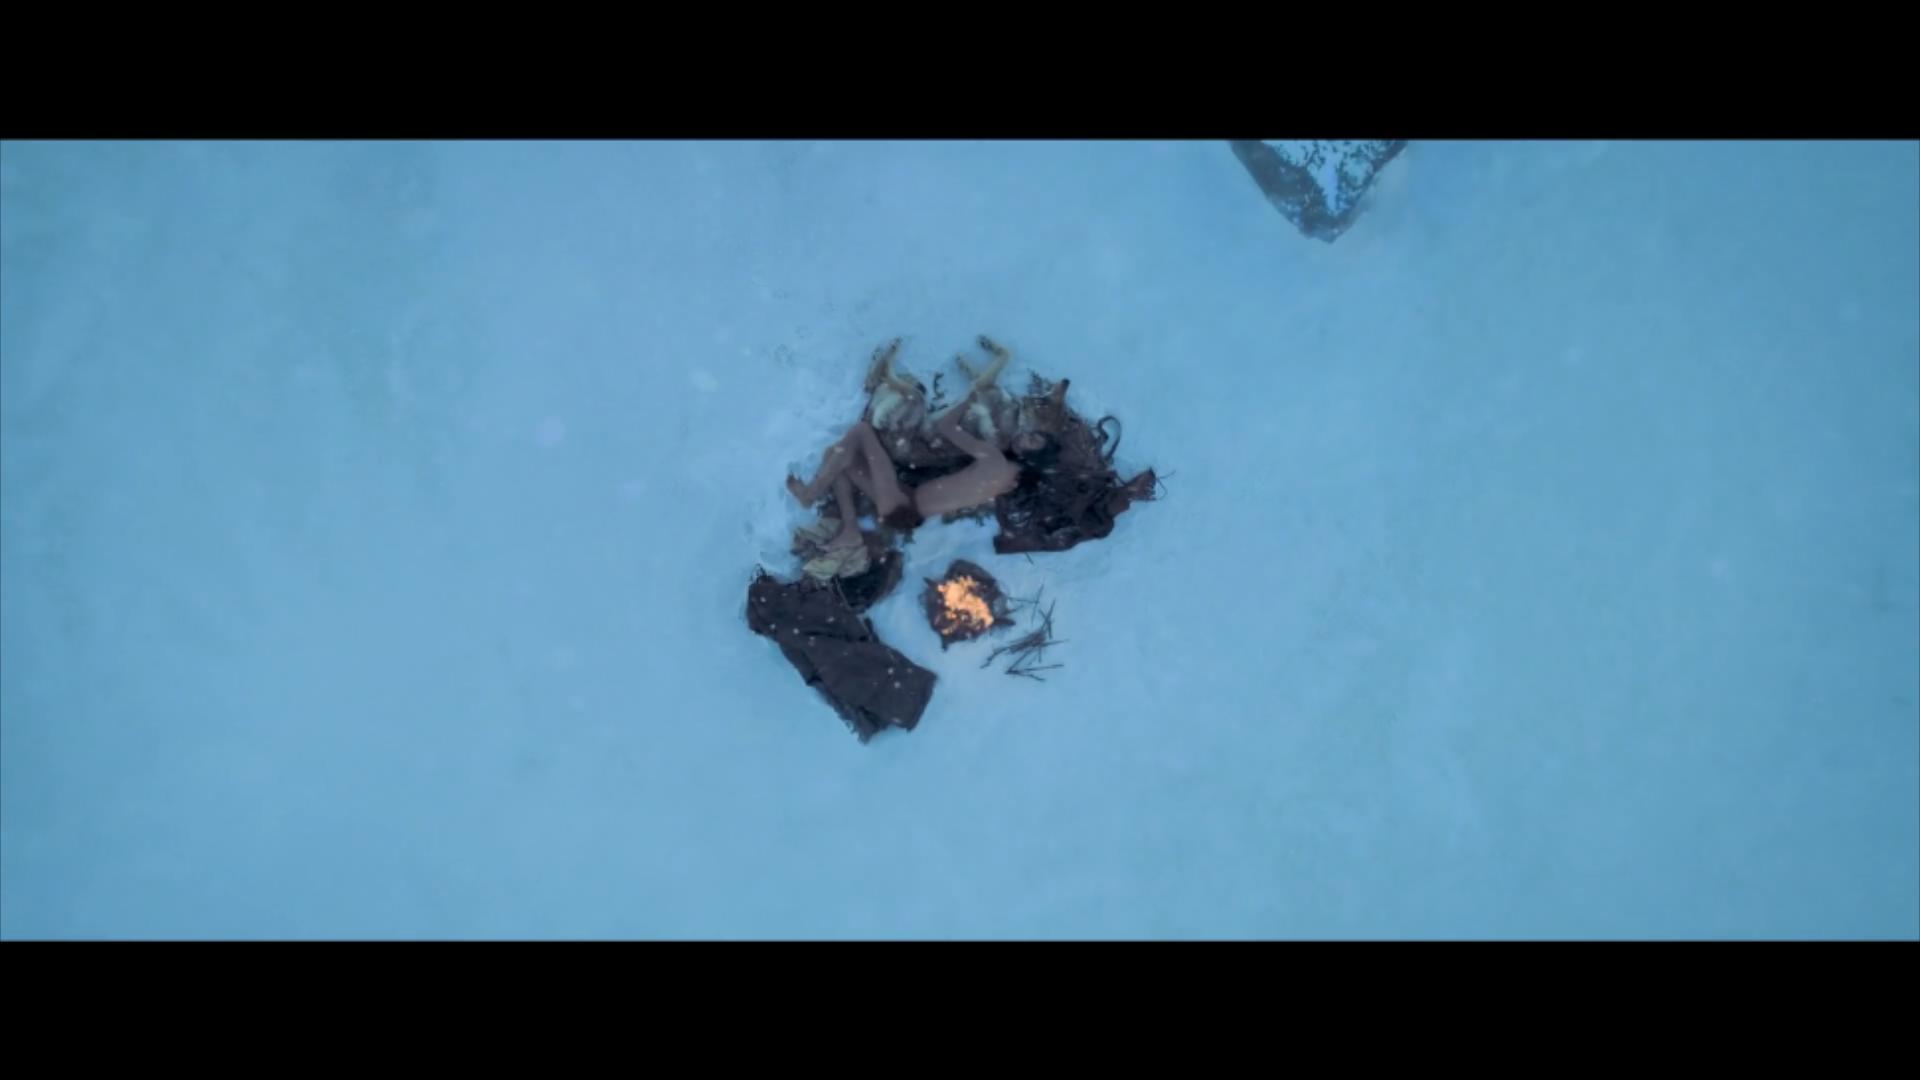 2018《阿尔法:狼伴归途》2700字,7分钟剧情解说稿-第12张图片